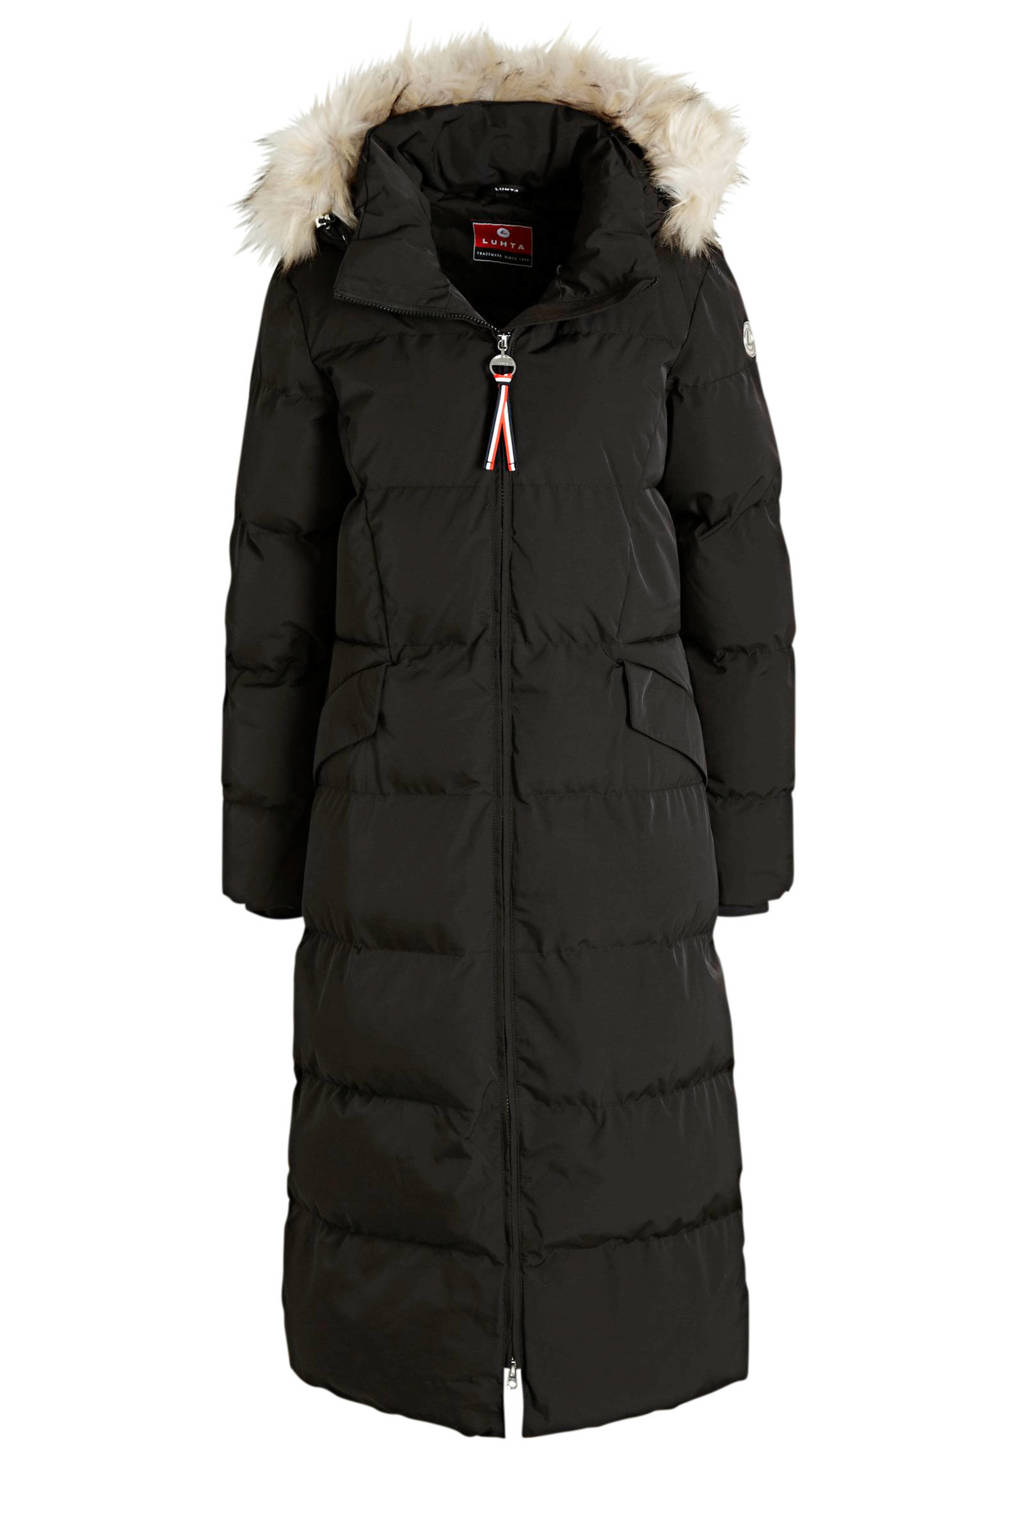 Luhta gewatteerde jas Eriksdal zwart, Zwart